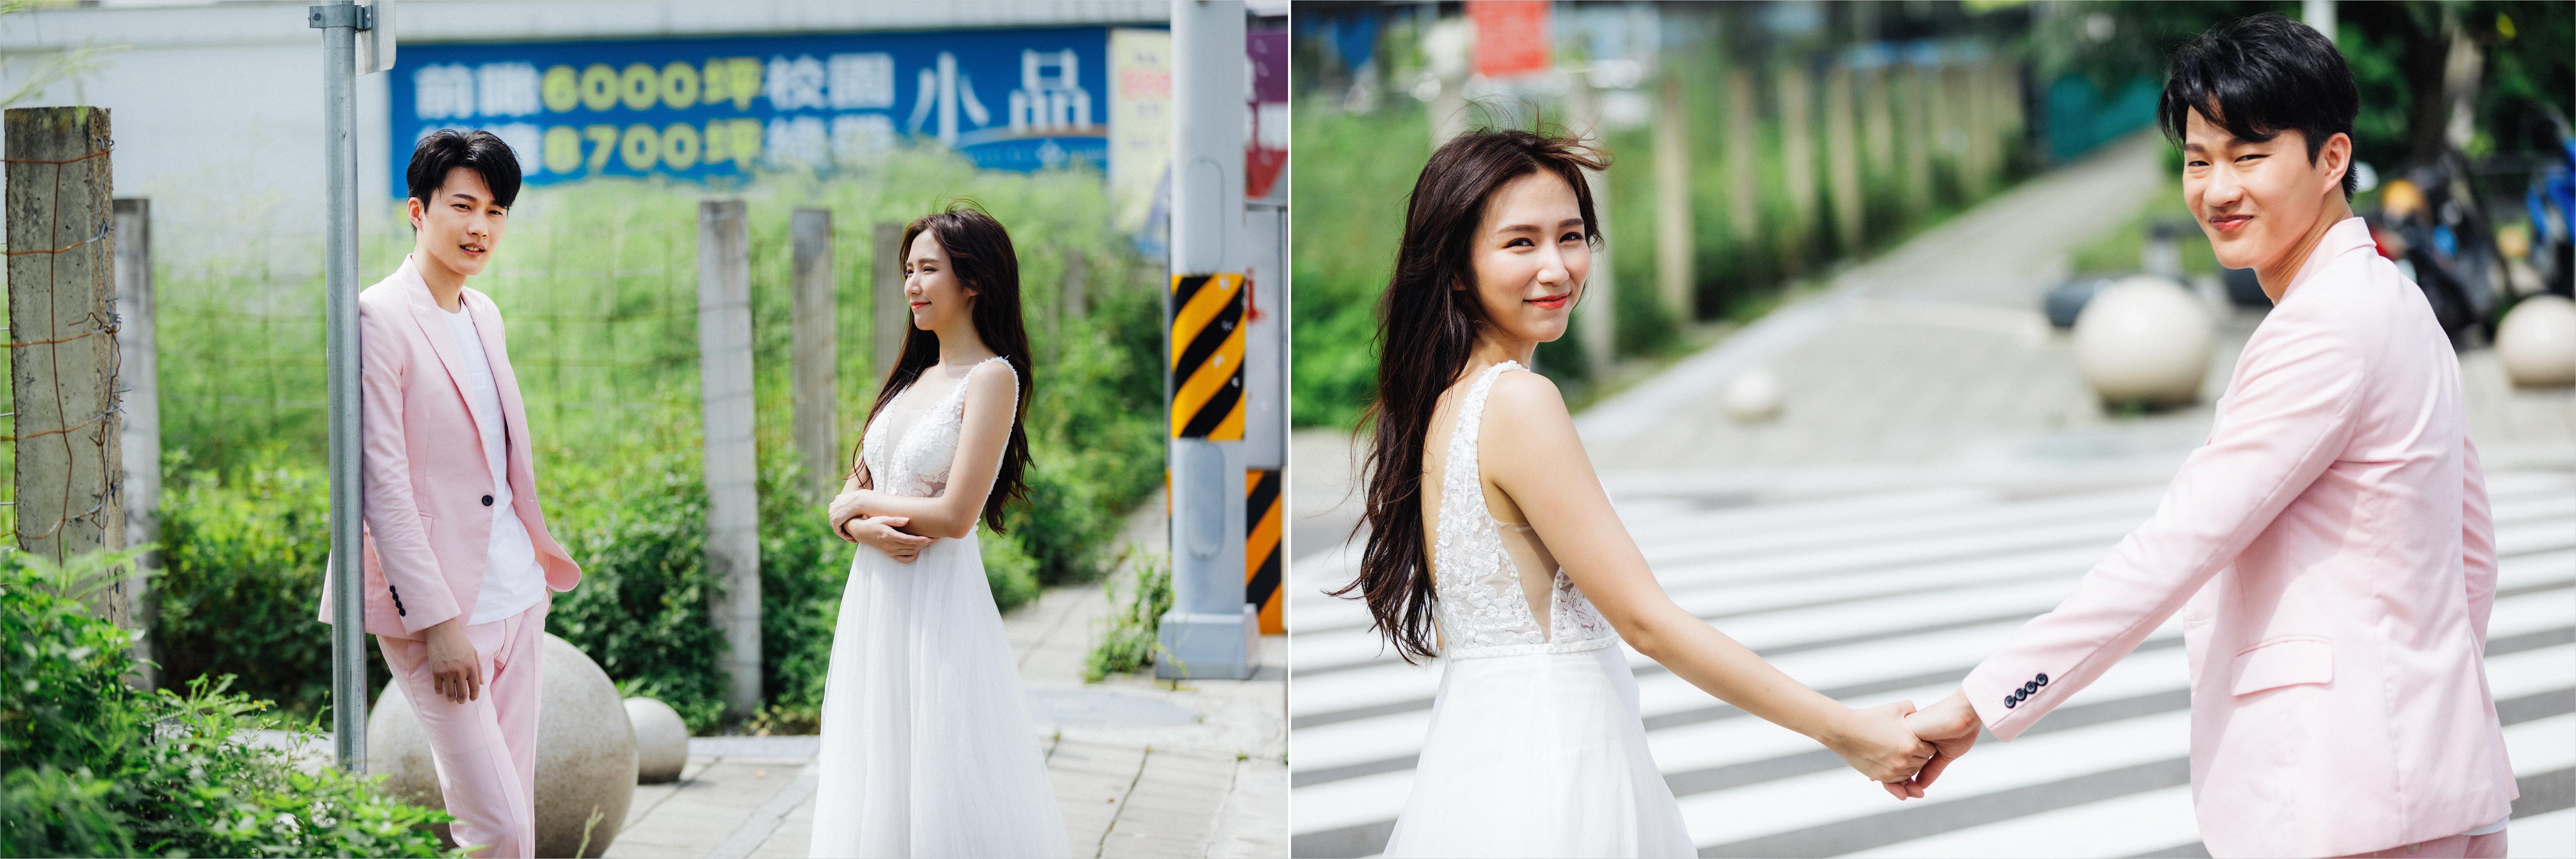 48592197016 c2286e2724 o - 【自主婚紗】+Ying&Wiwi+